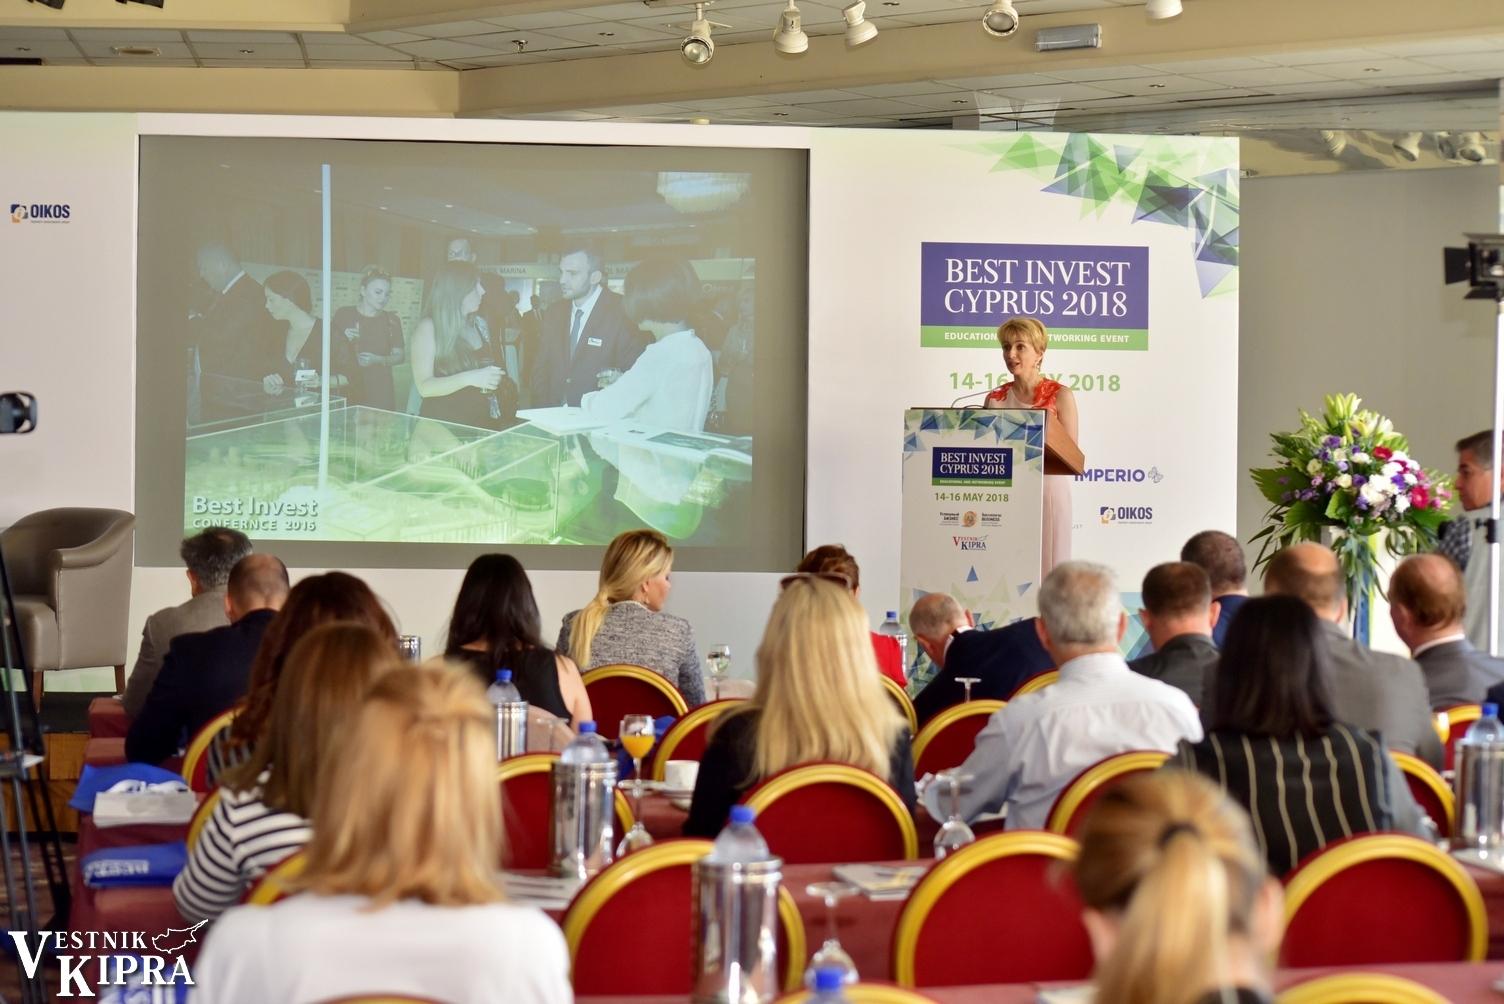 Участники конференция BEST INVEST обсудили тренды и перспективы кипрской экономики - Вестник Кипра